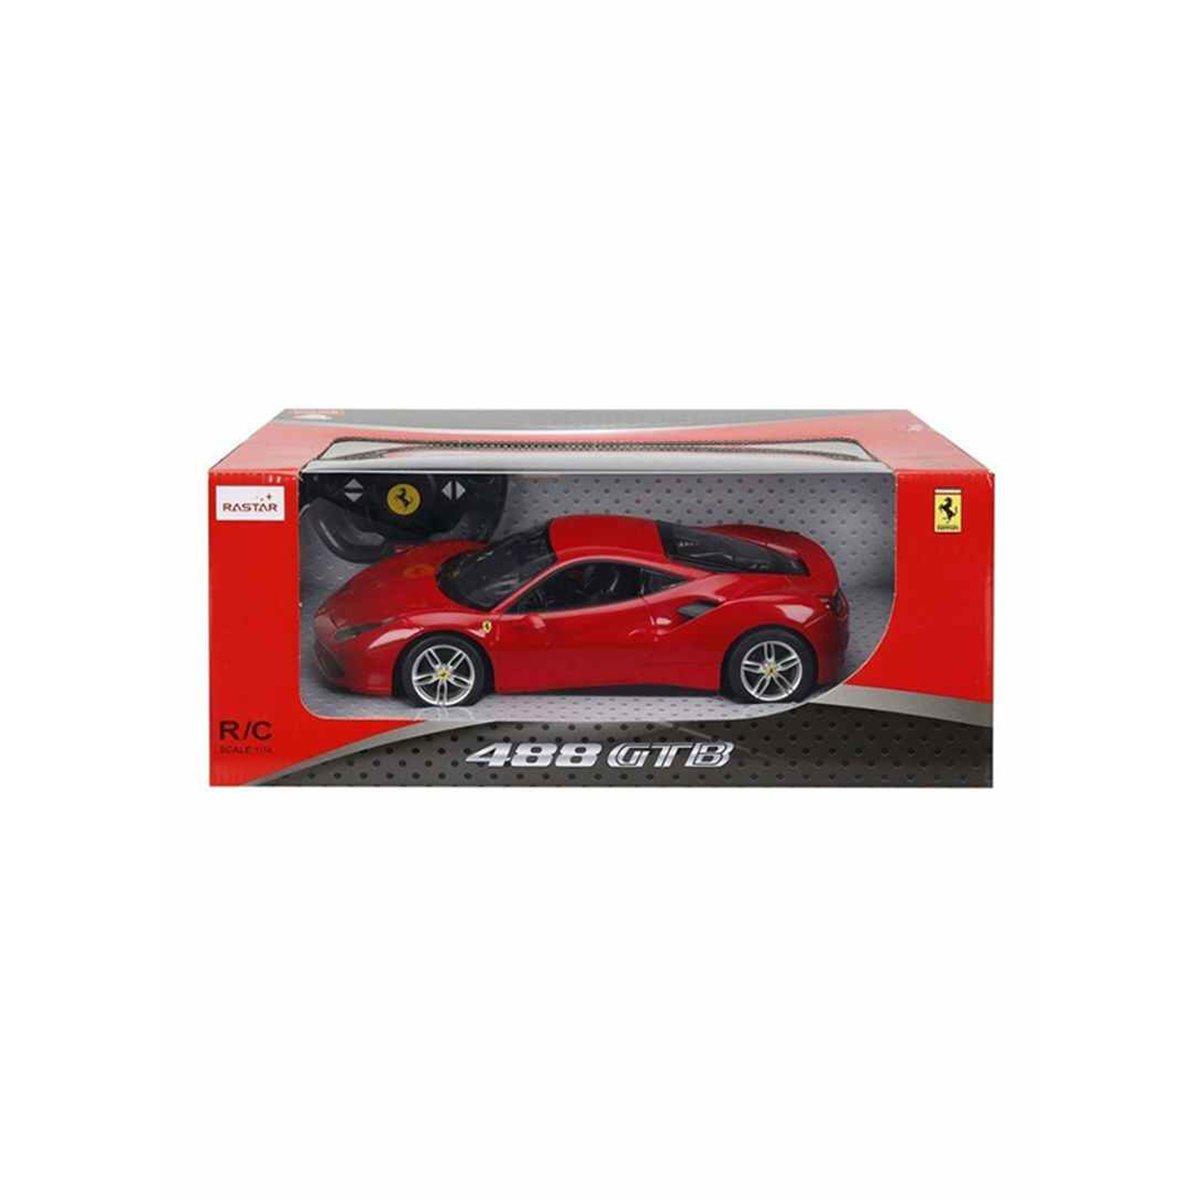 ماشین بازی کنترلی راستار مدل Ferrari 488 Gtb